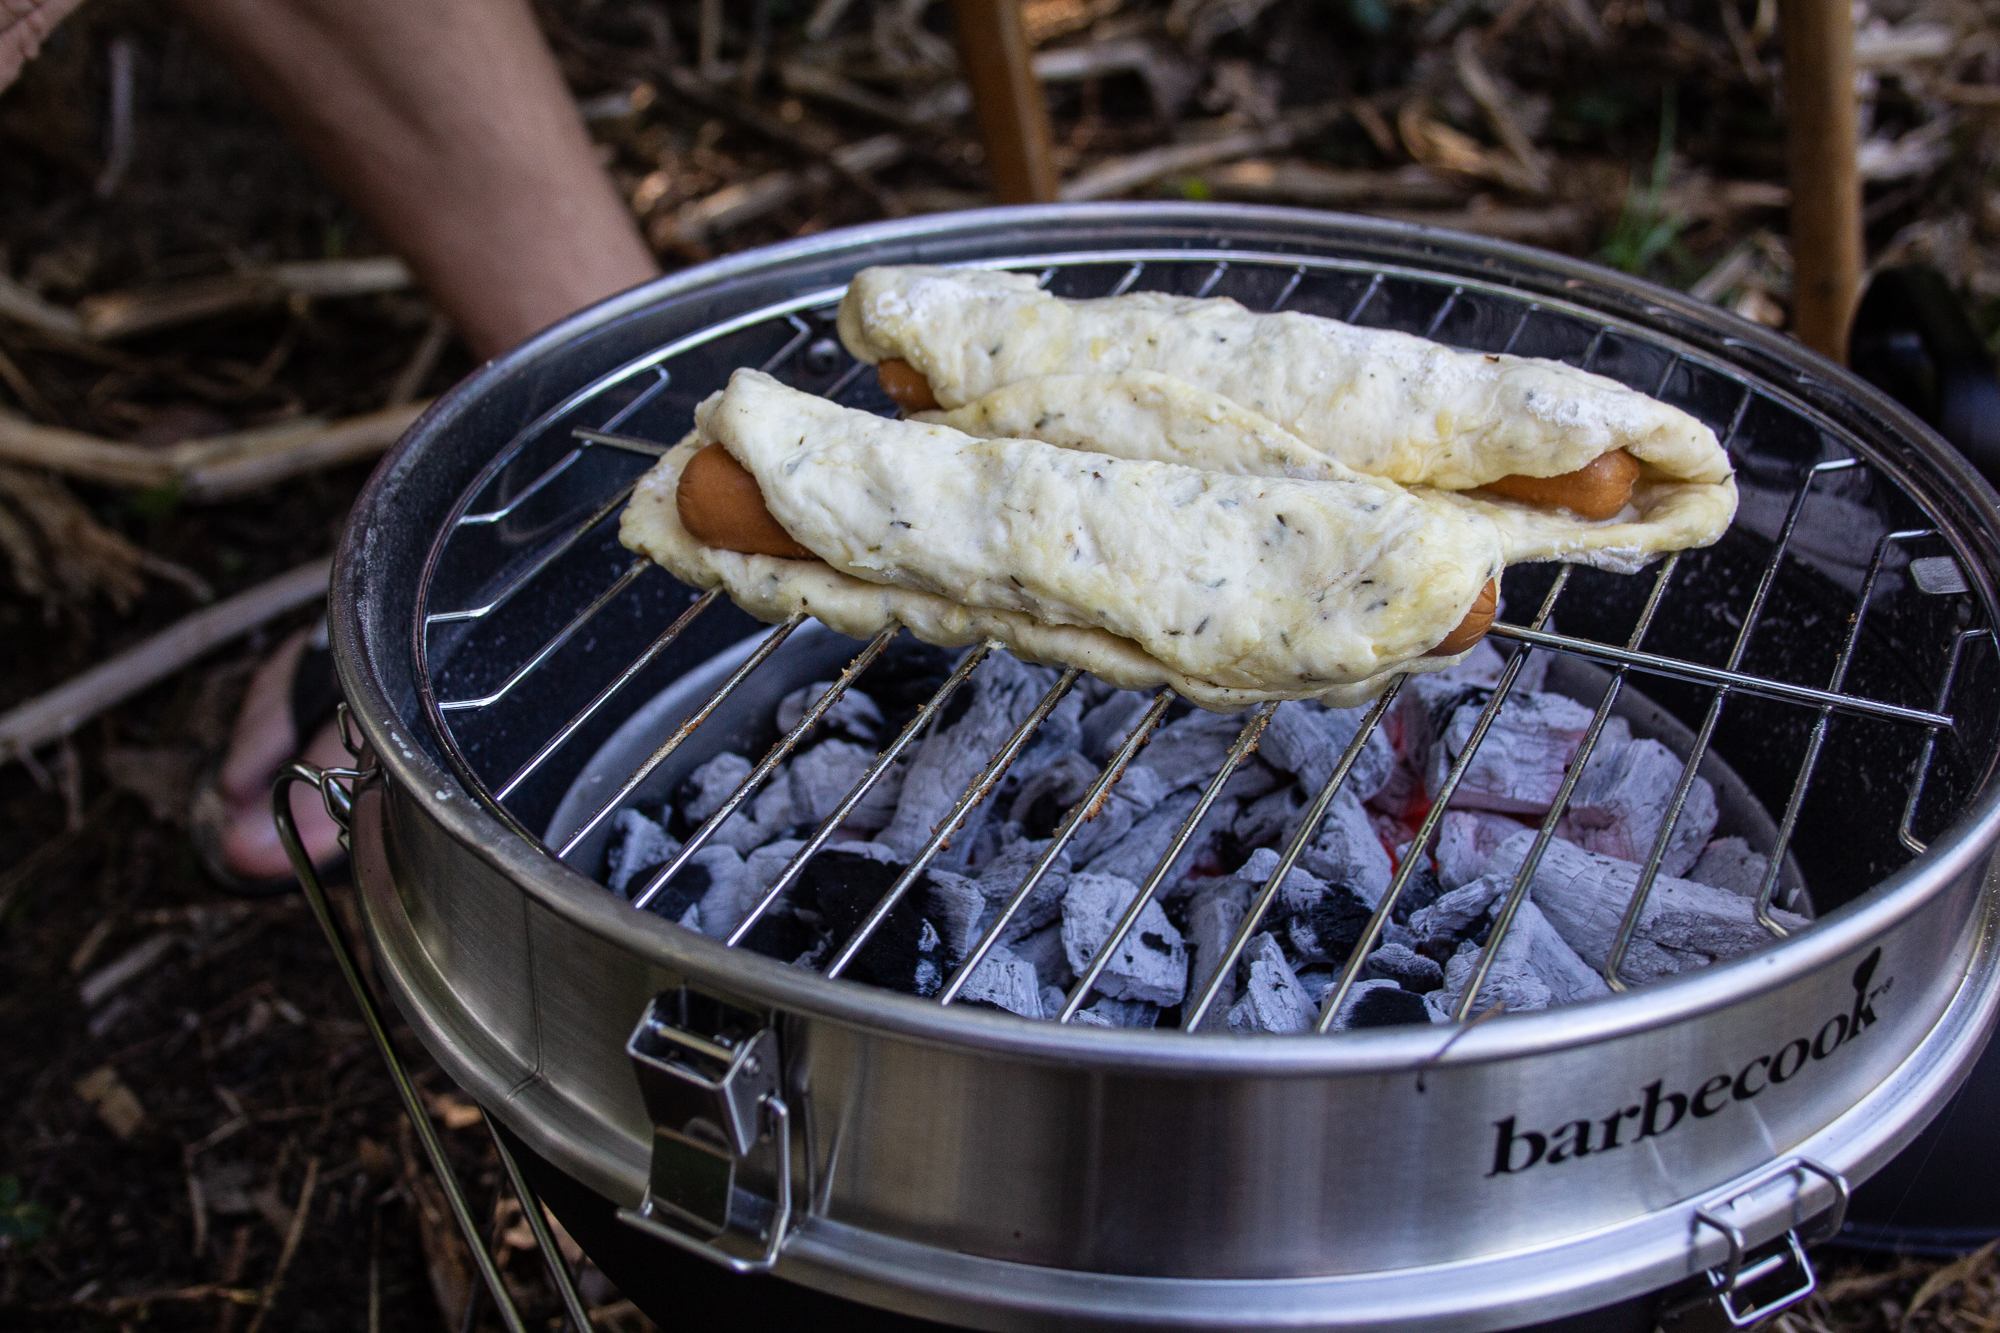 vaderklap barbecook-32.jpg